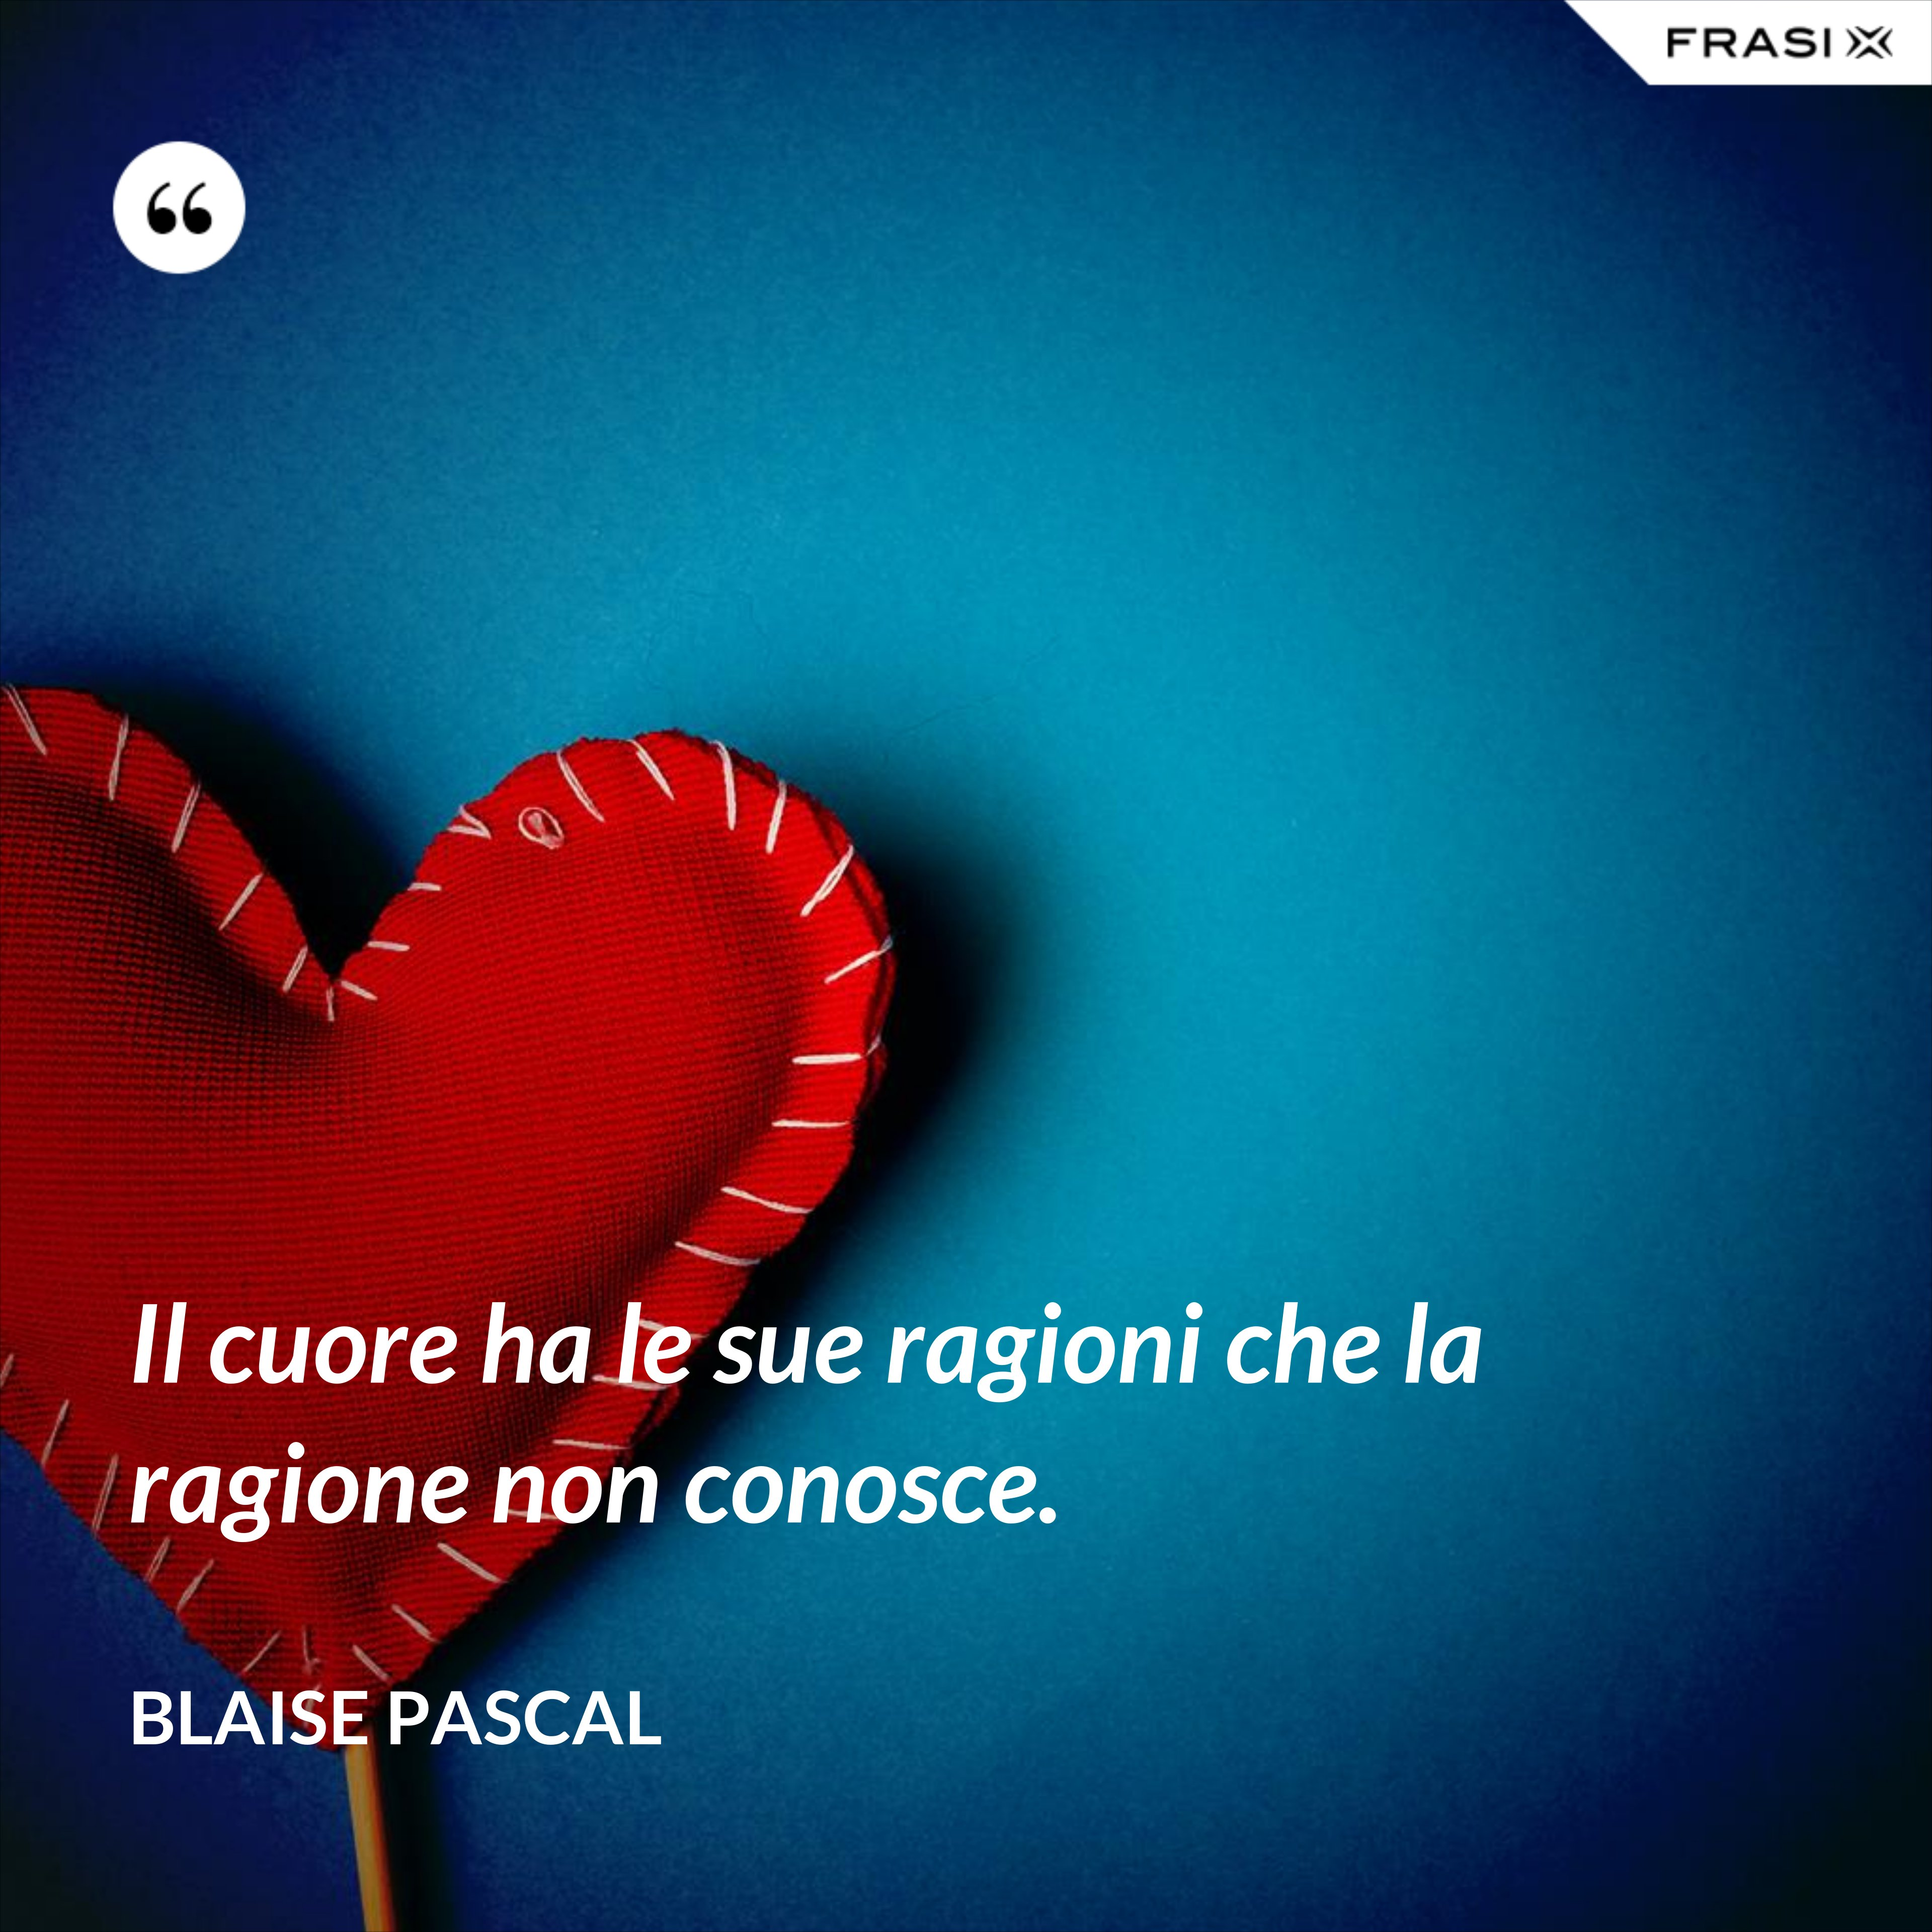 Il cuore ha le sue ragioni che la ragione non conosce. - Blaise Pascal